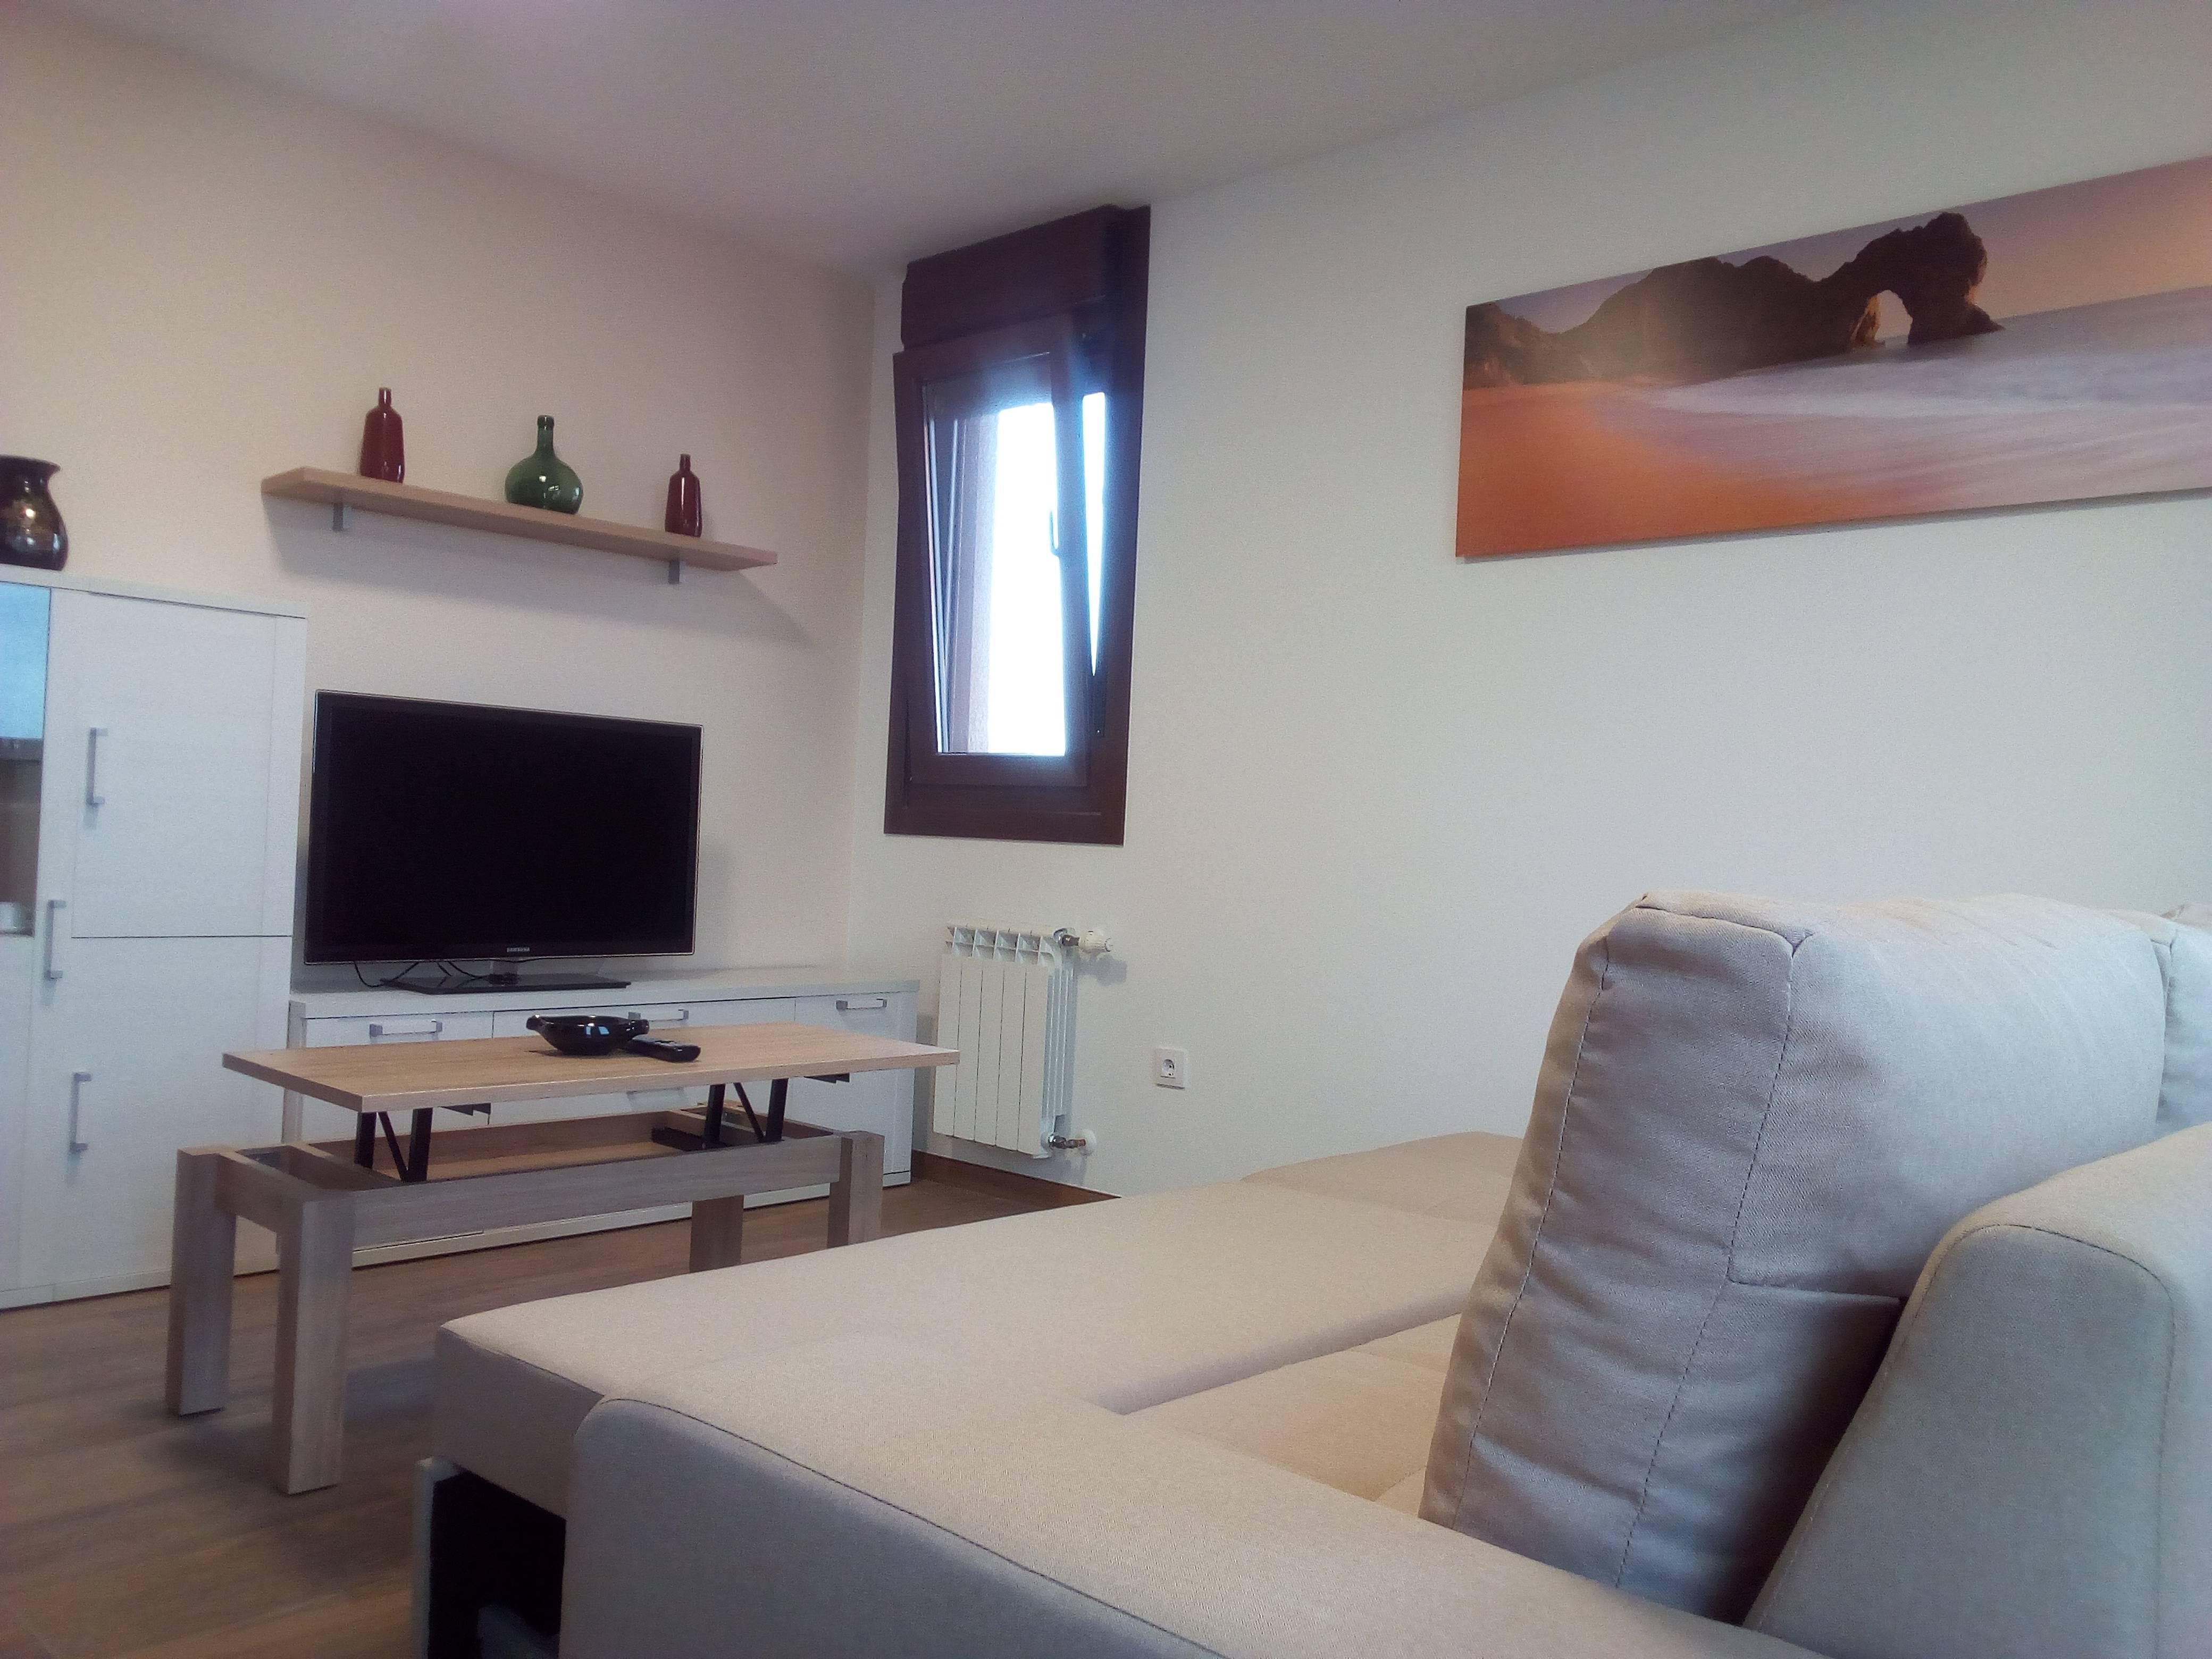 Apartamento en alquiler a 350 m de la playa coruxo vigo pontevedra camino de santiago de - Alquiler de apartamentos en vigo ...